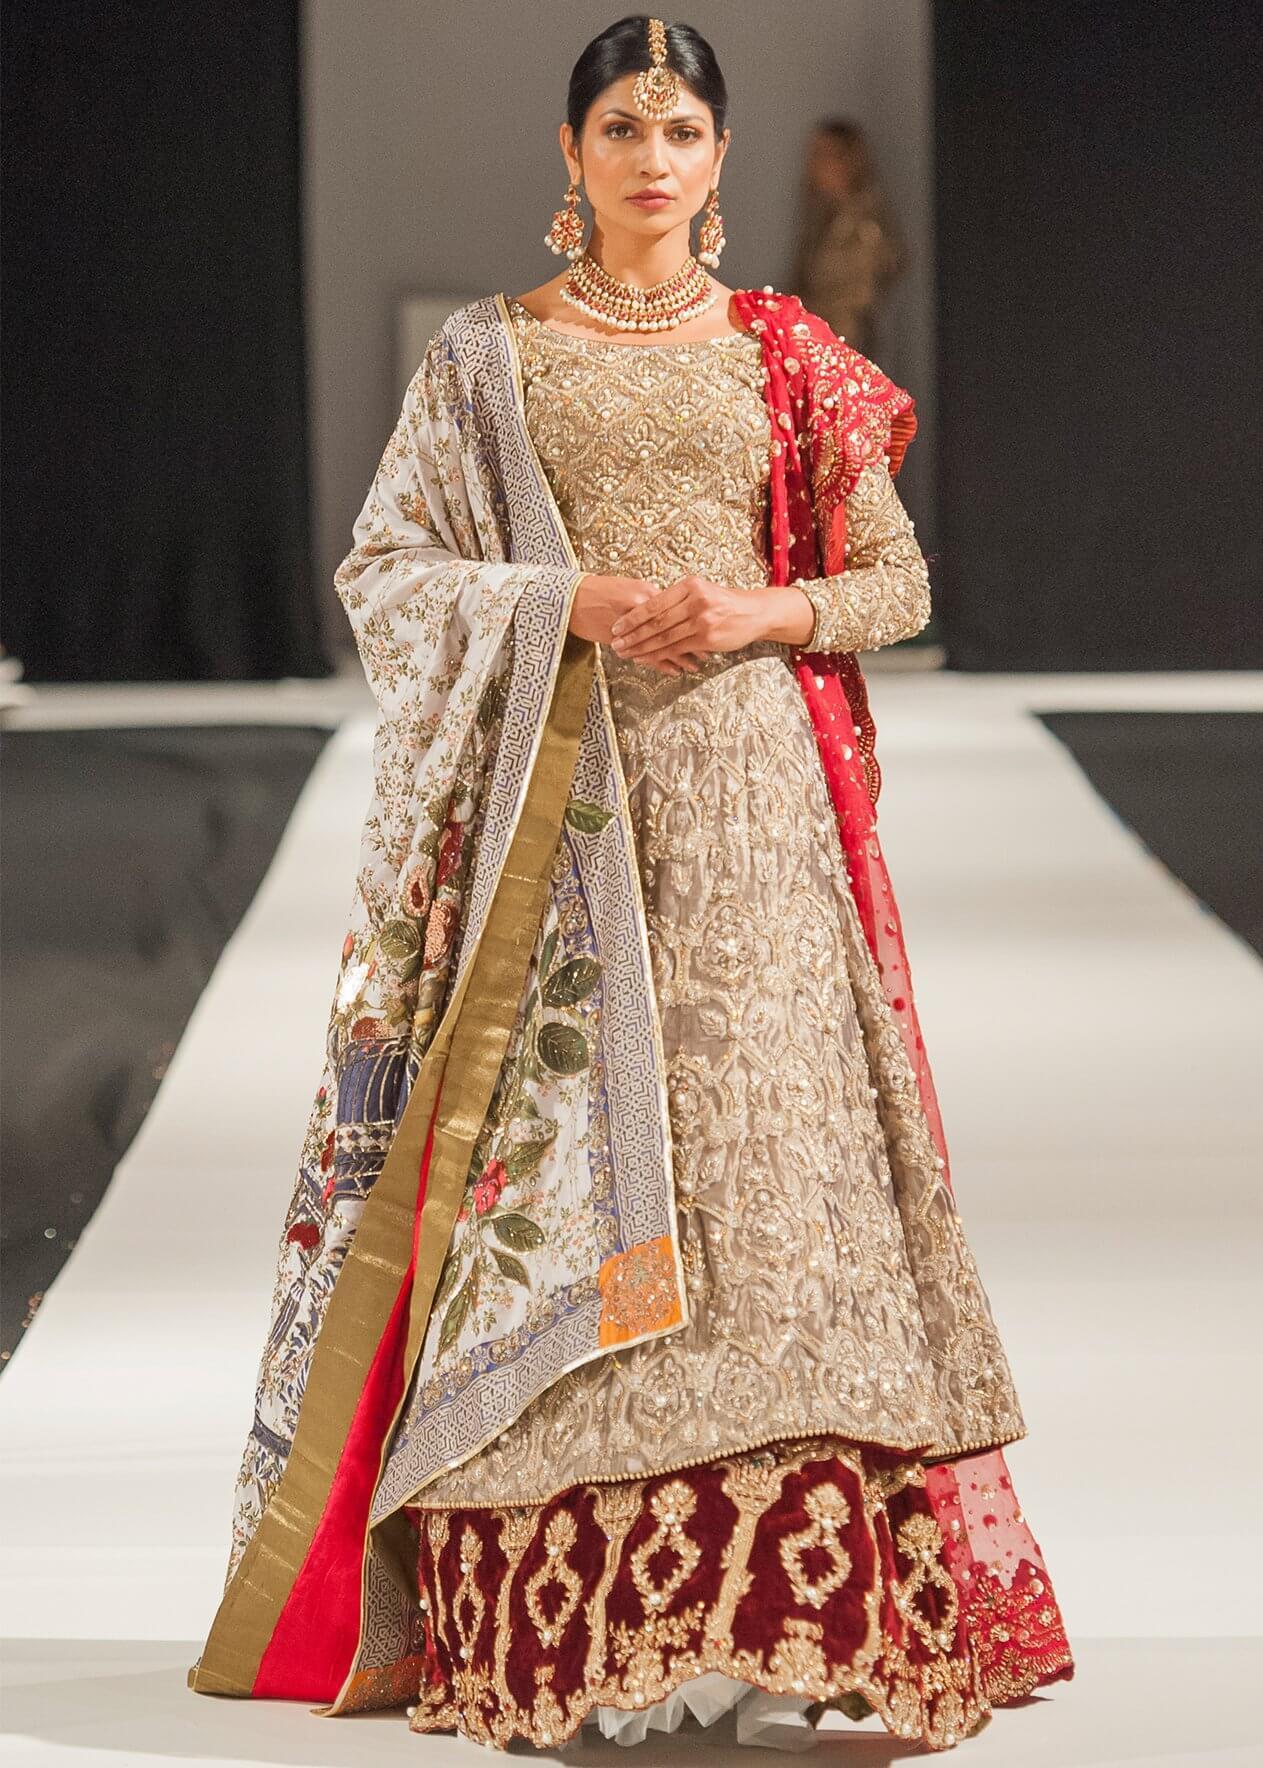 Heavy Embroidery Pakistani Bridal Dress for Barat Ceremony by Mohsin Ranjha